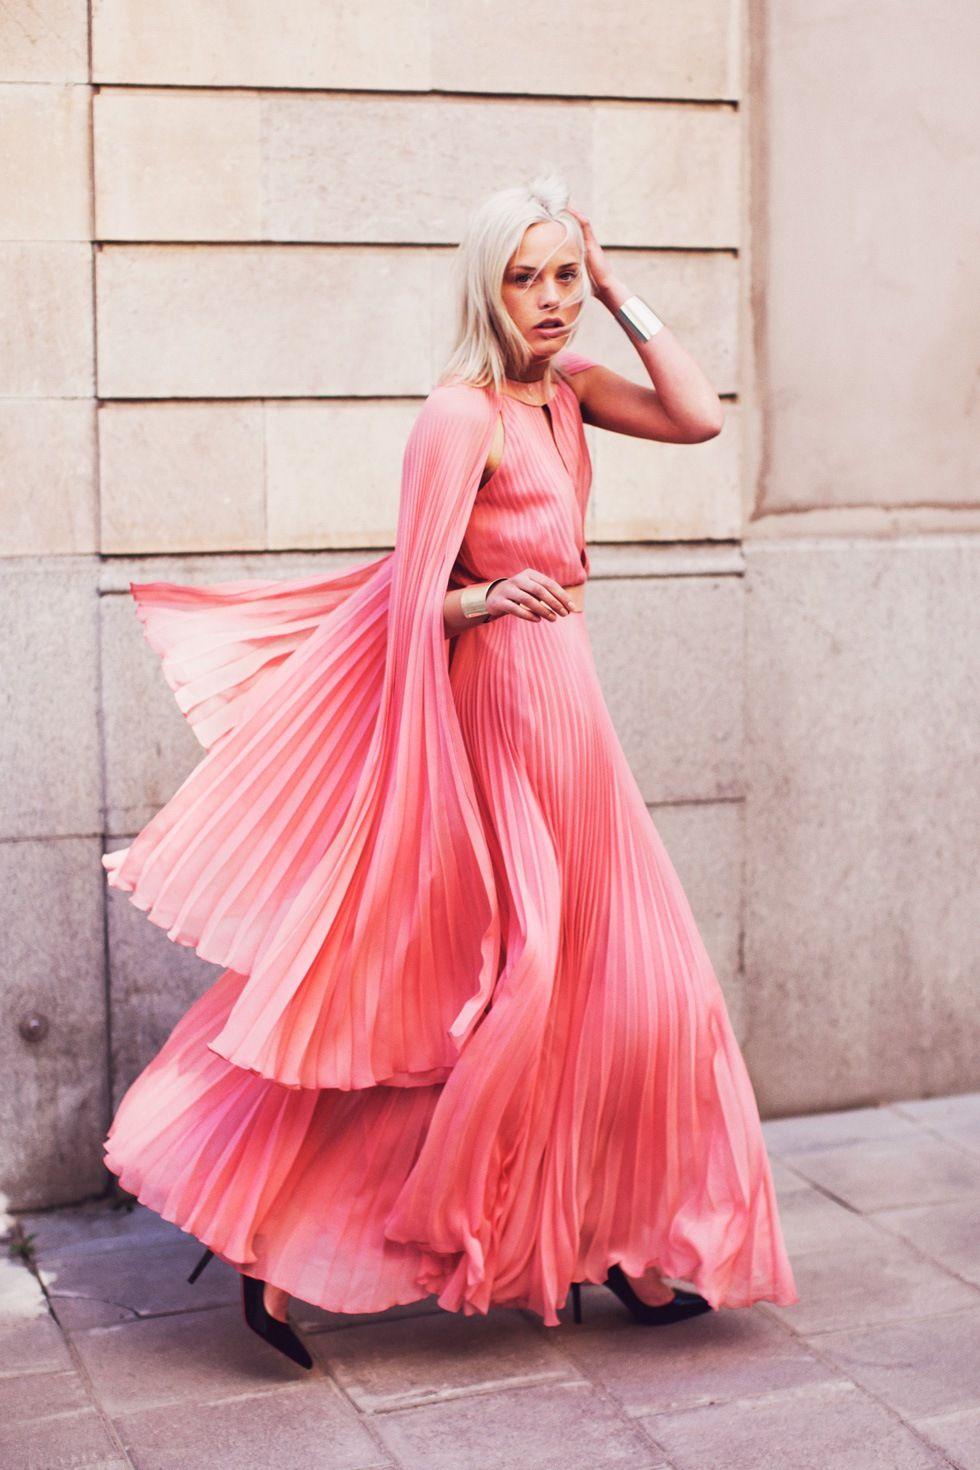 Stilinspiration med rosa klänning